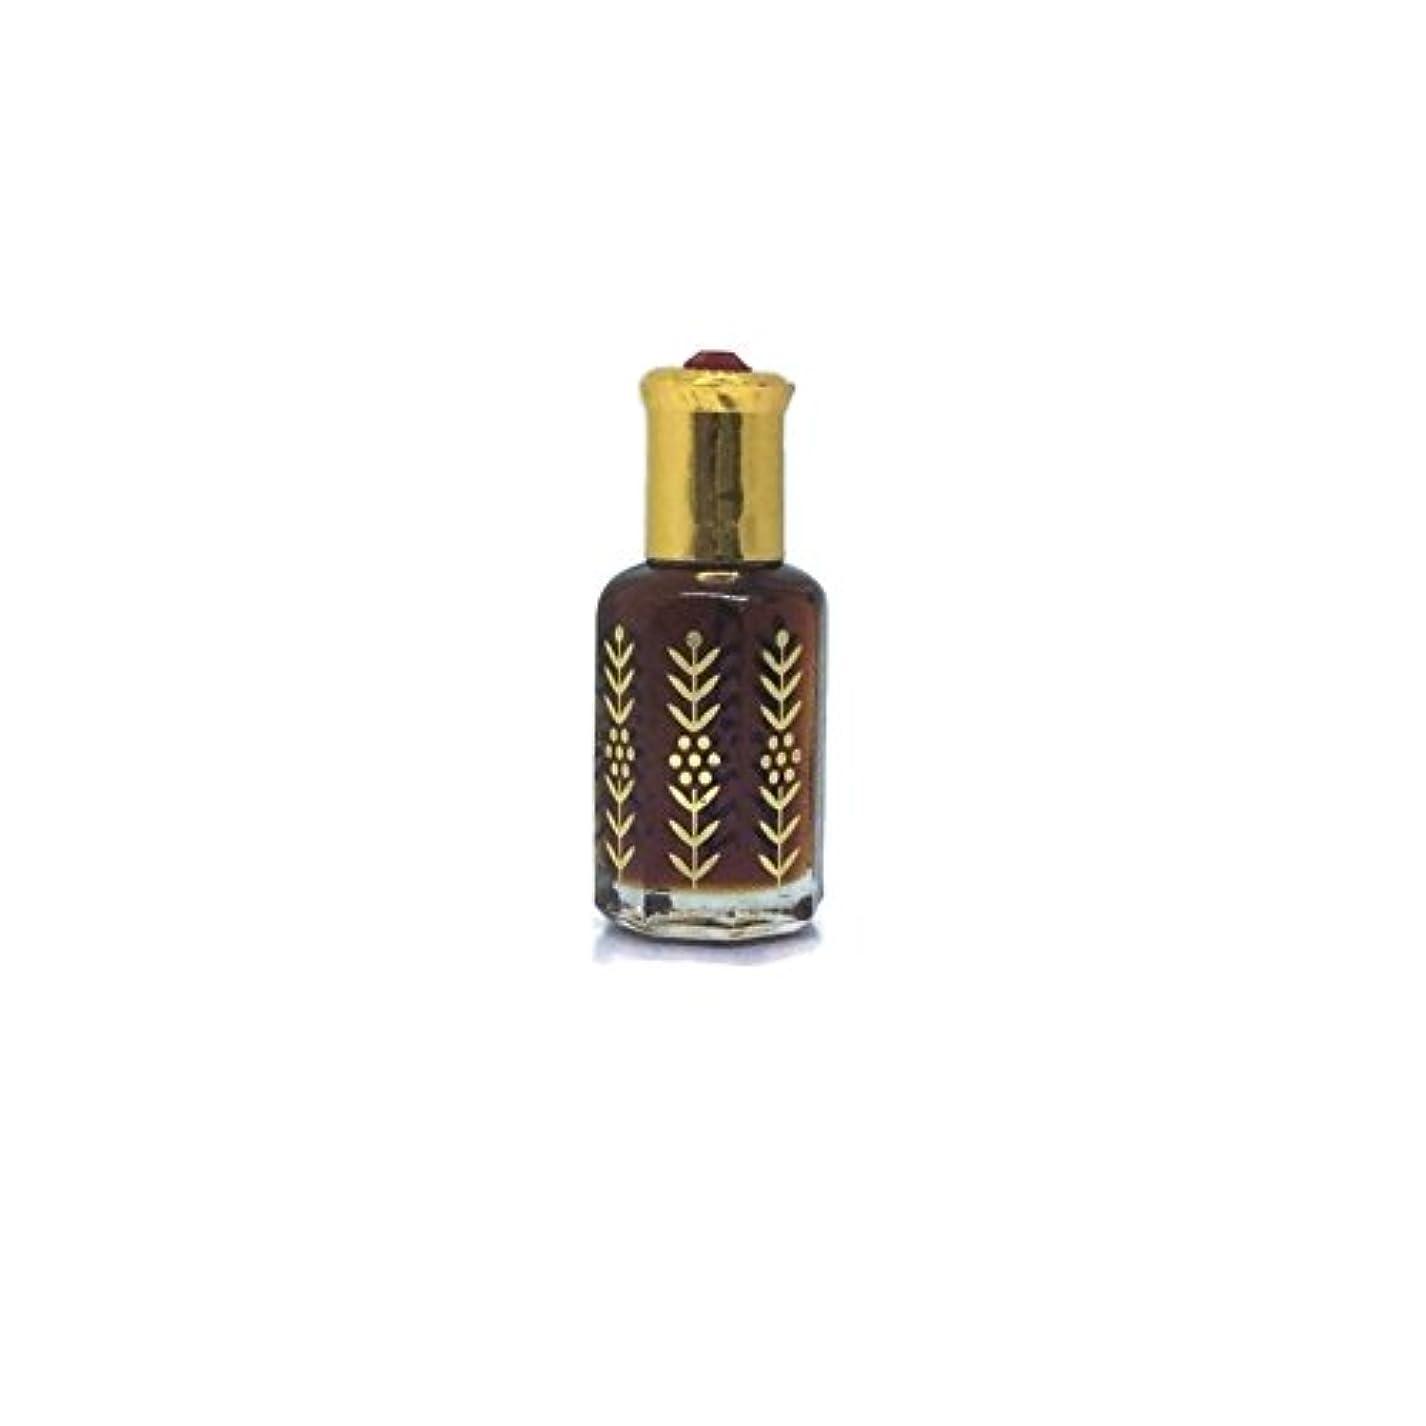 回復する一緒王朝カンボジアsayufee純正Cambodian /タイAgarwood Pure Oudh Rare Perfume Amira 3 ml ブラウン 6